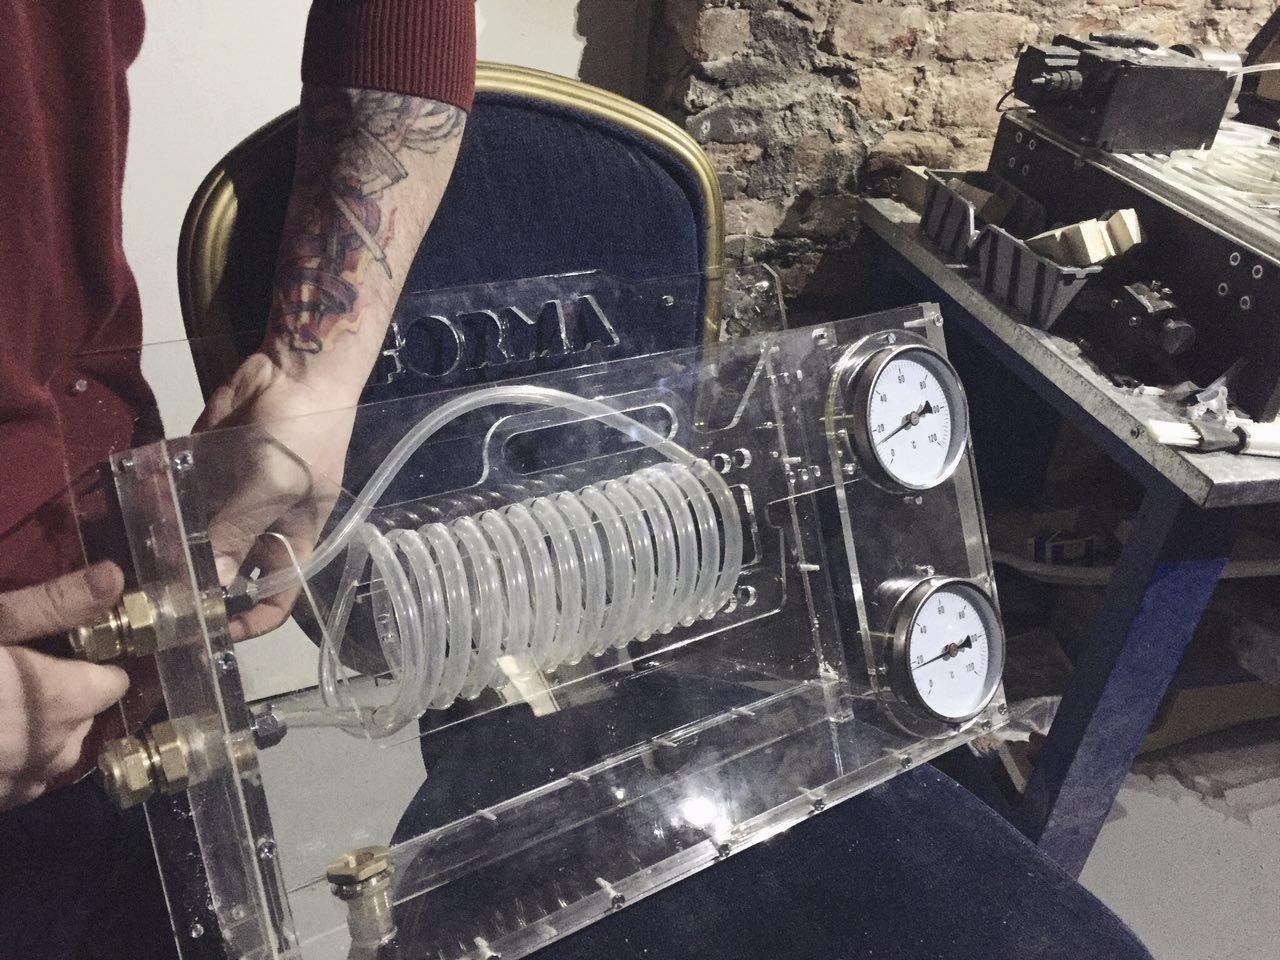 DIY система охлаждения для ЧПУ фрезера - 5